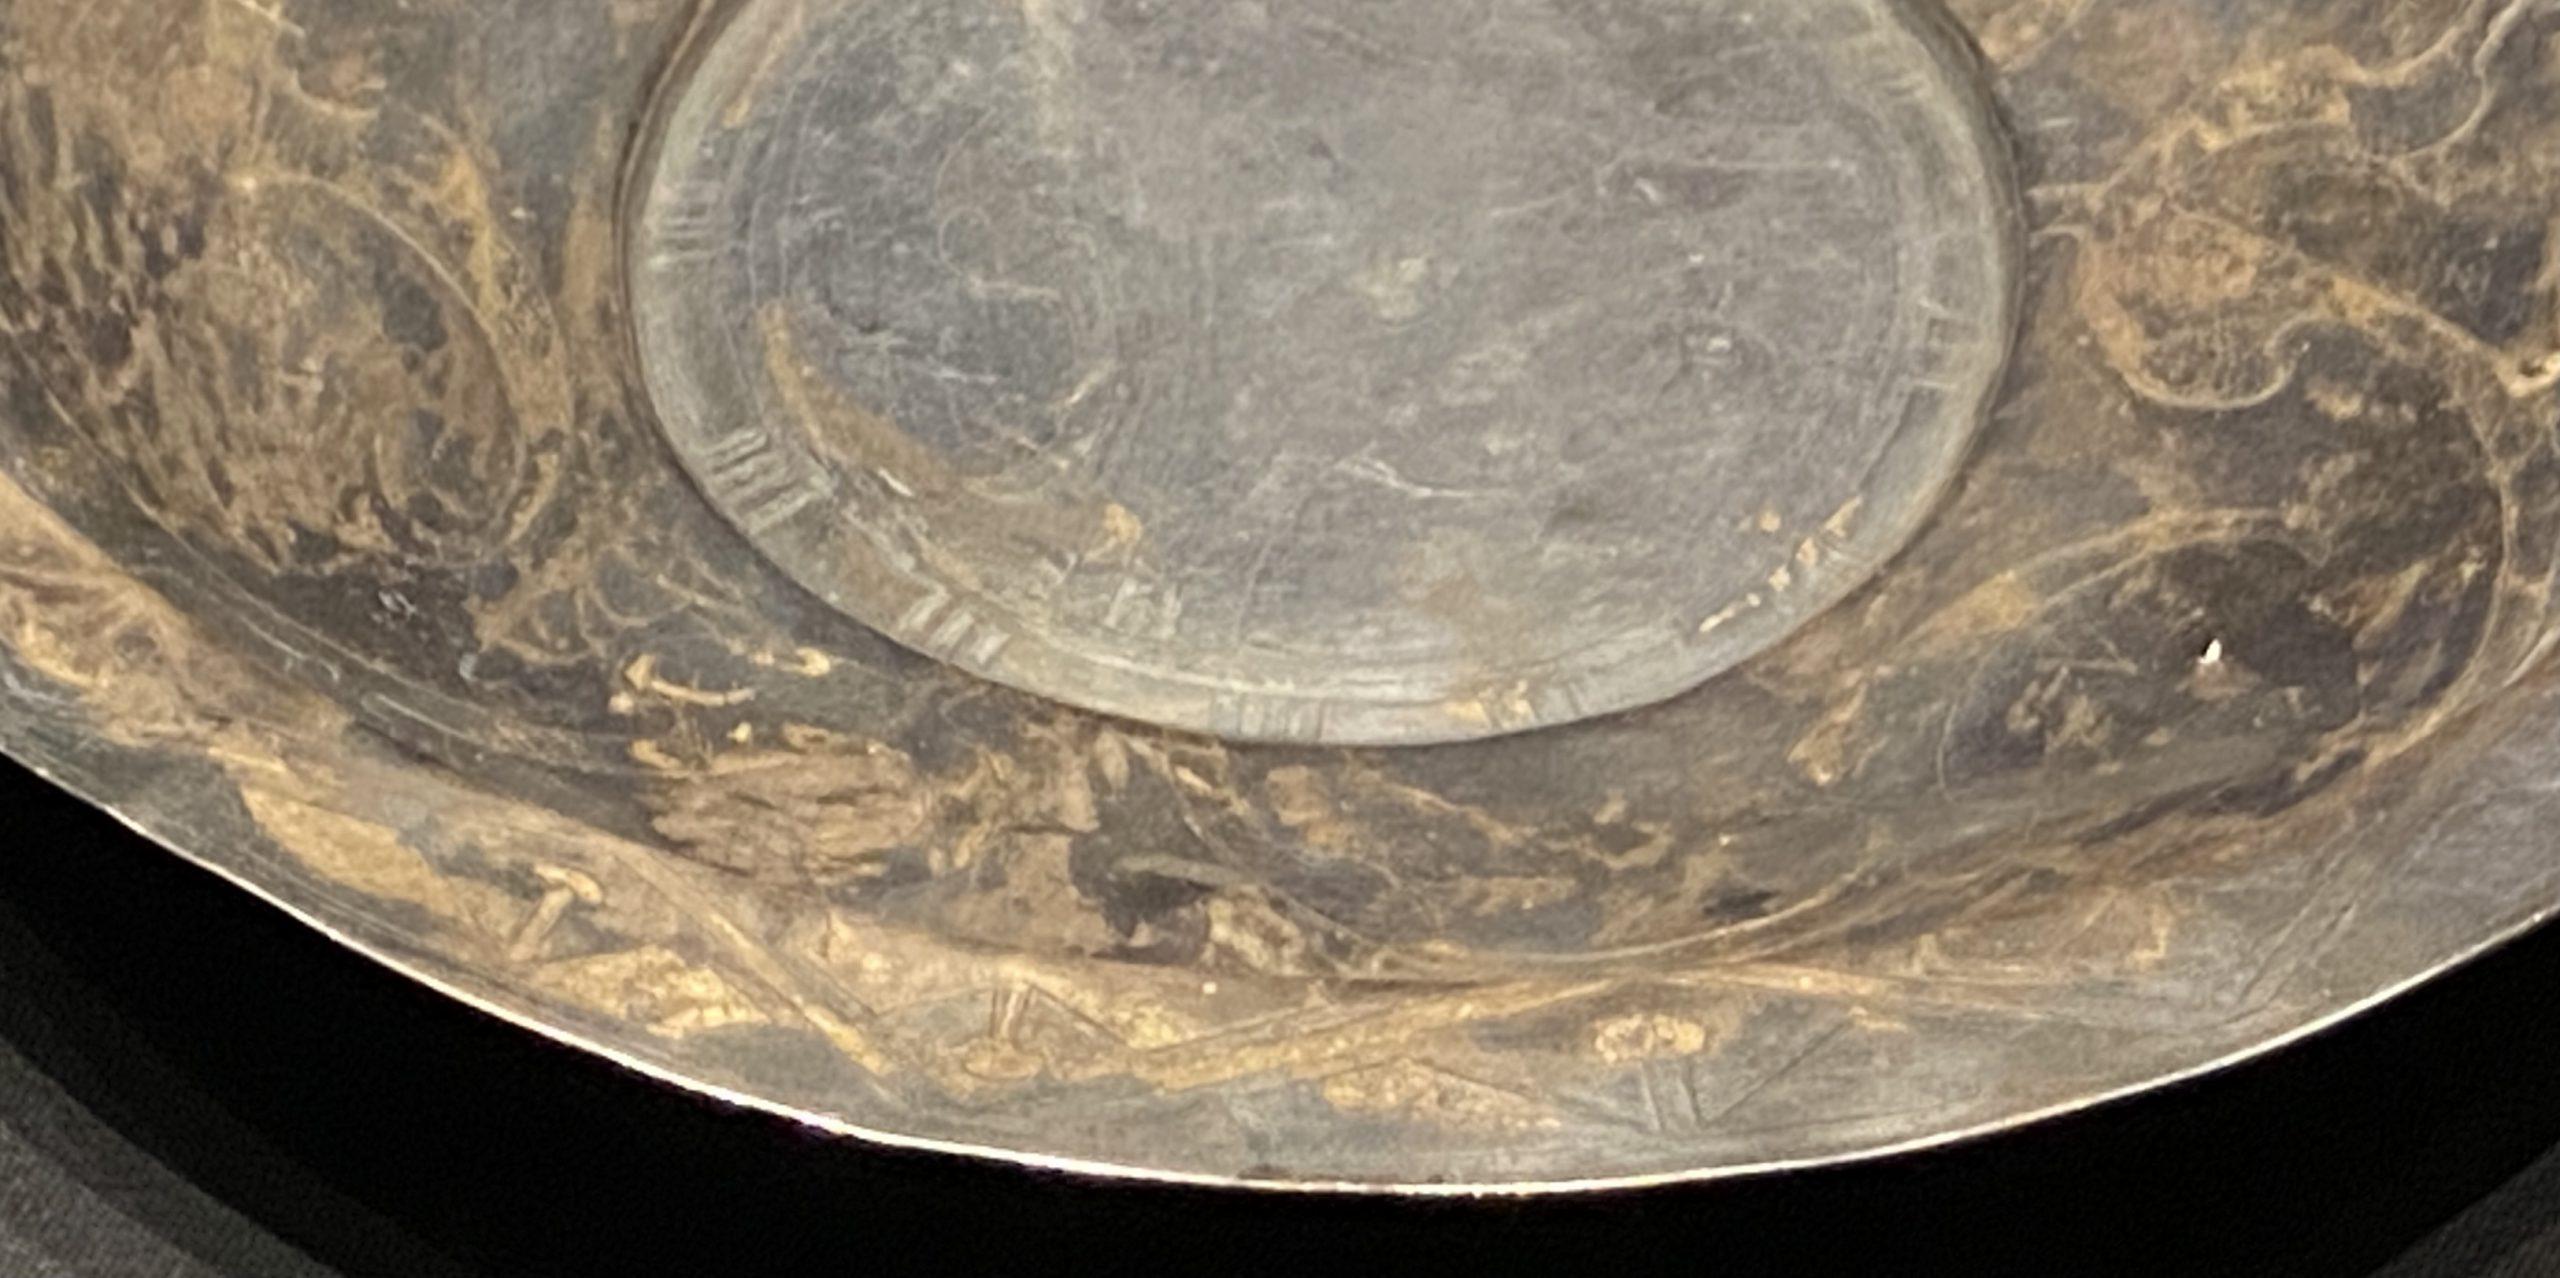 銀盤-【列備五都-秦漢時代の中国都市】-成都博物館-四川成都